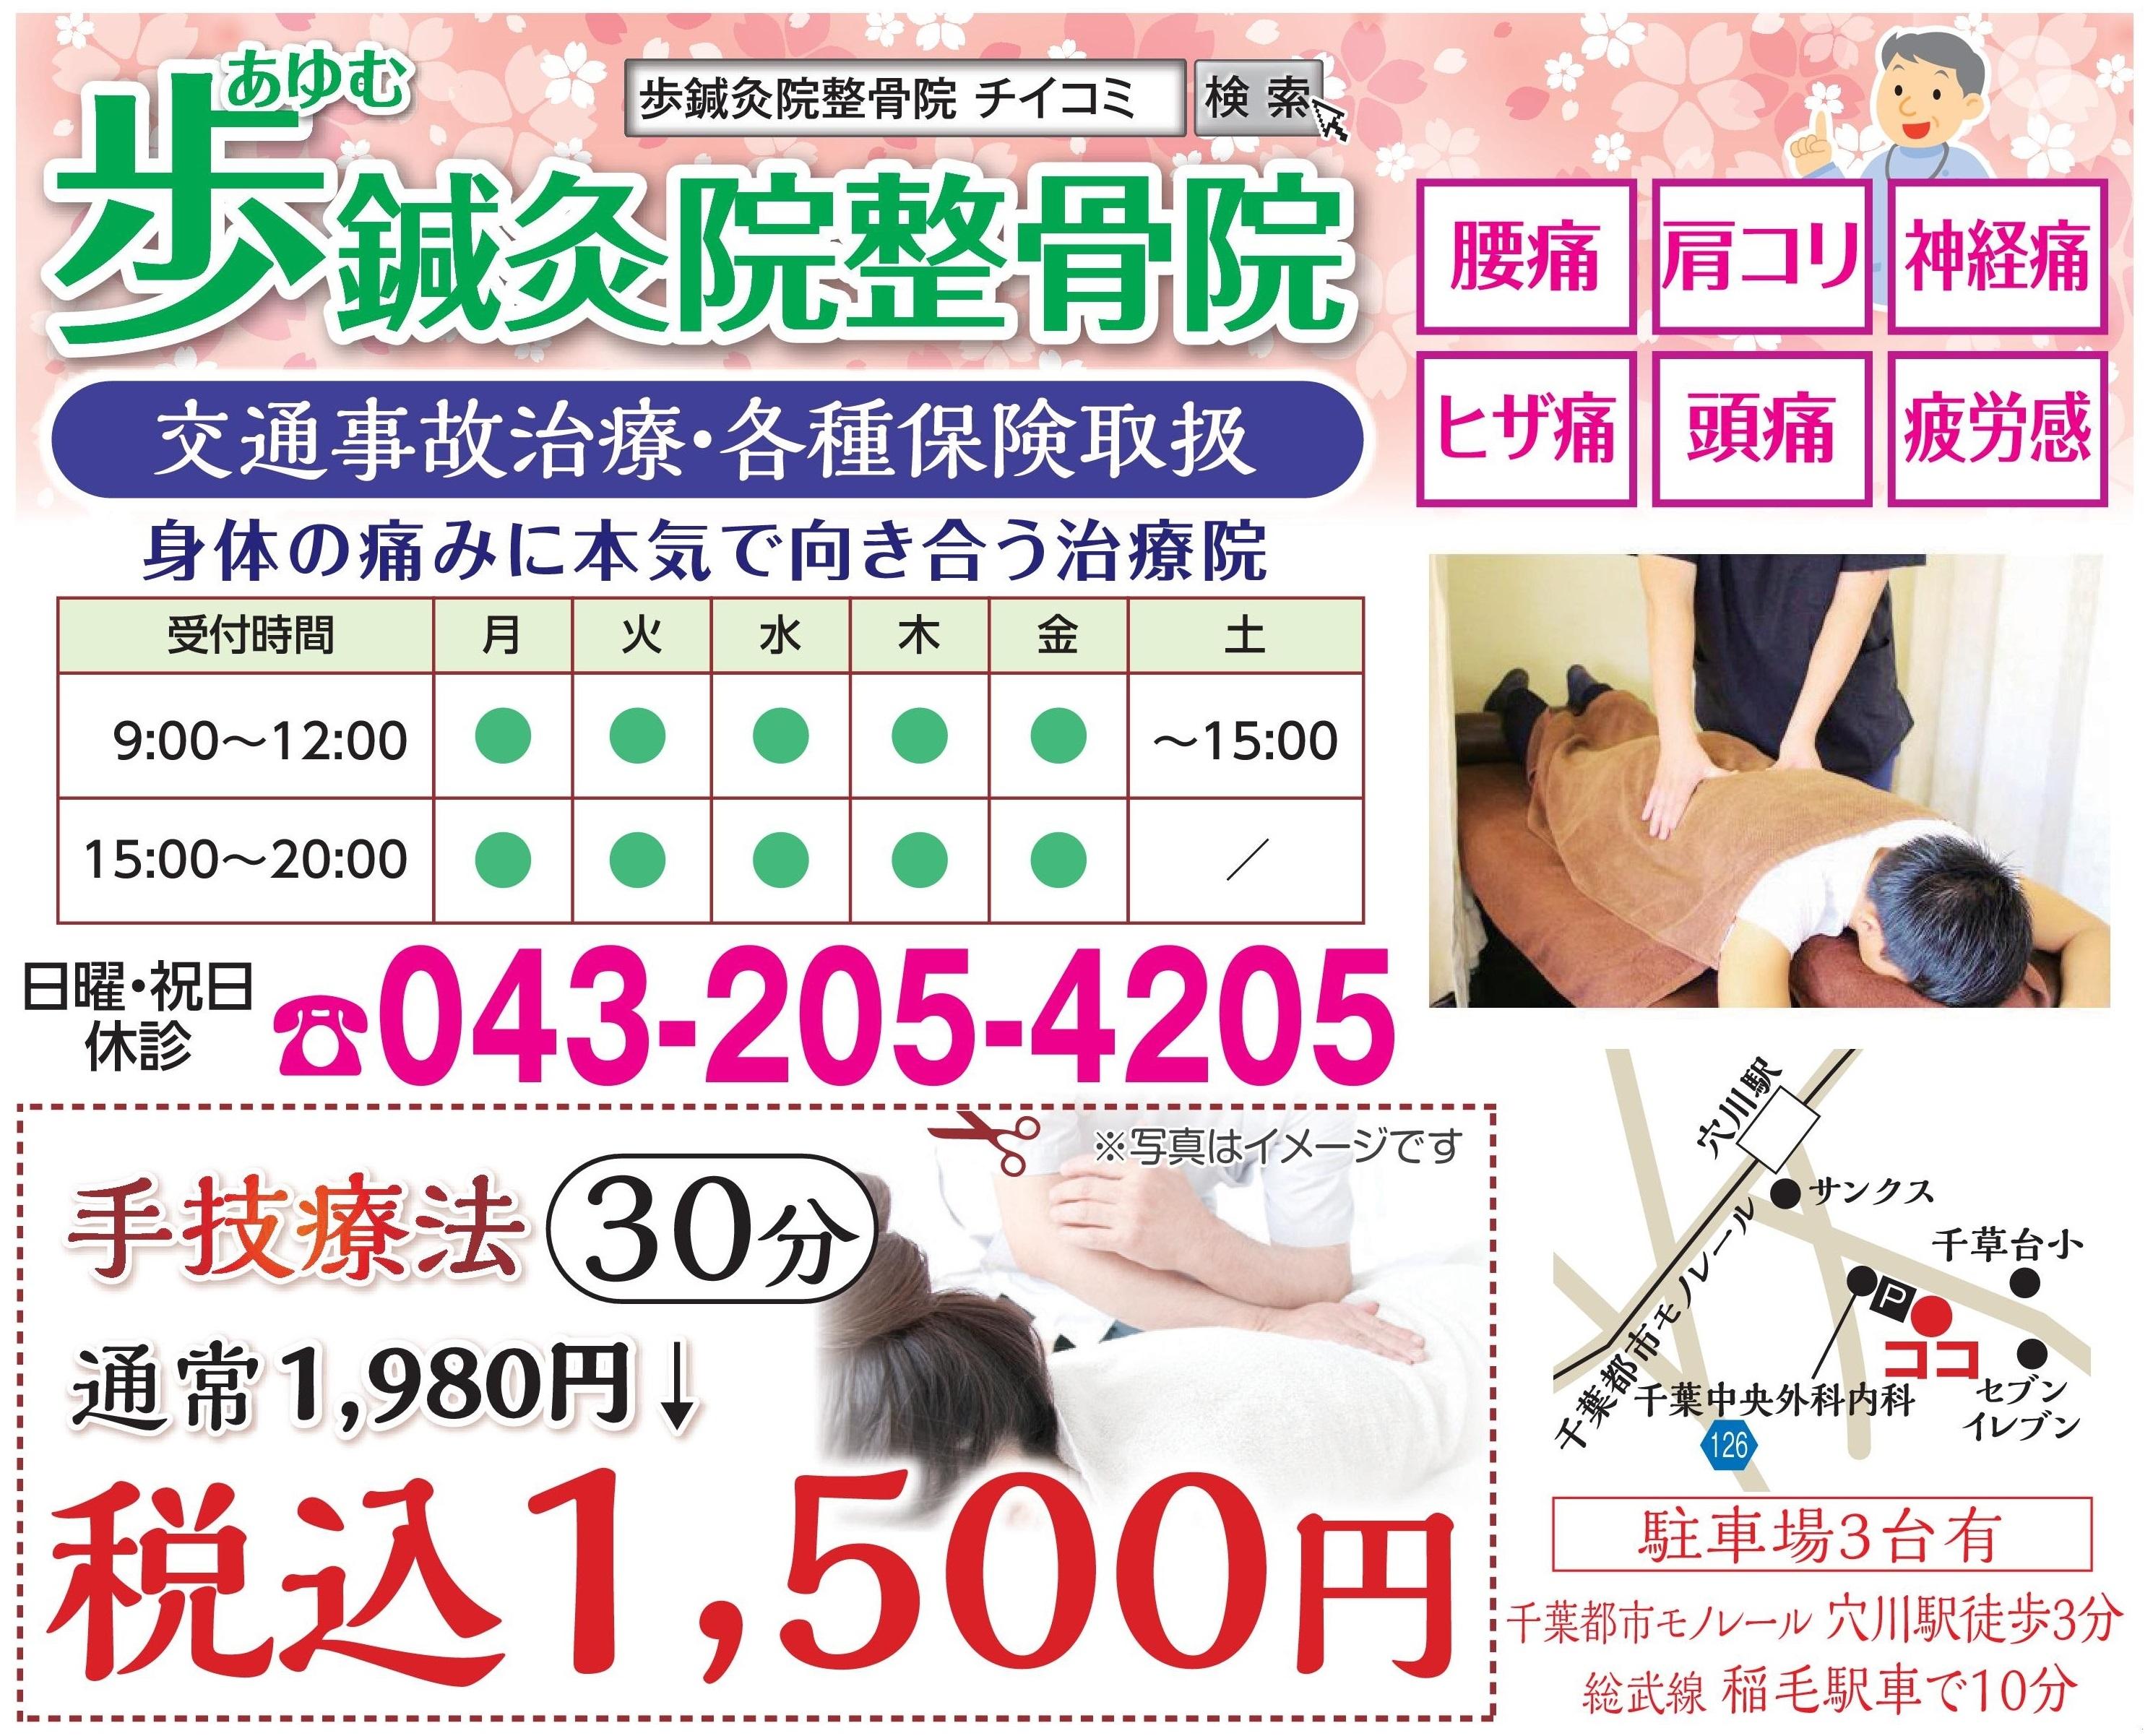 【3/9号ちいき新聞】歩鍼灸院整骨院の広告が掲載されてます!